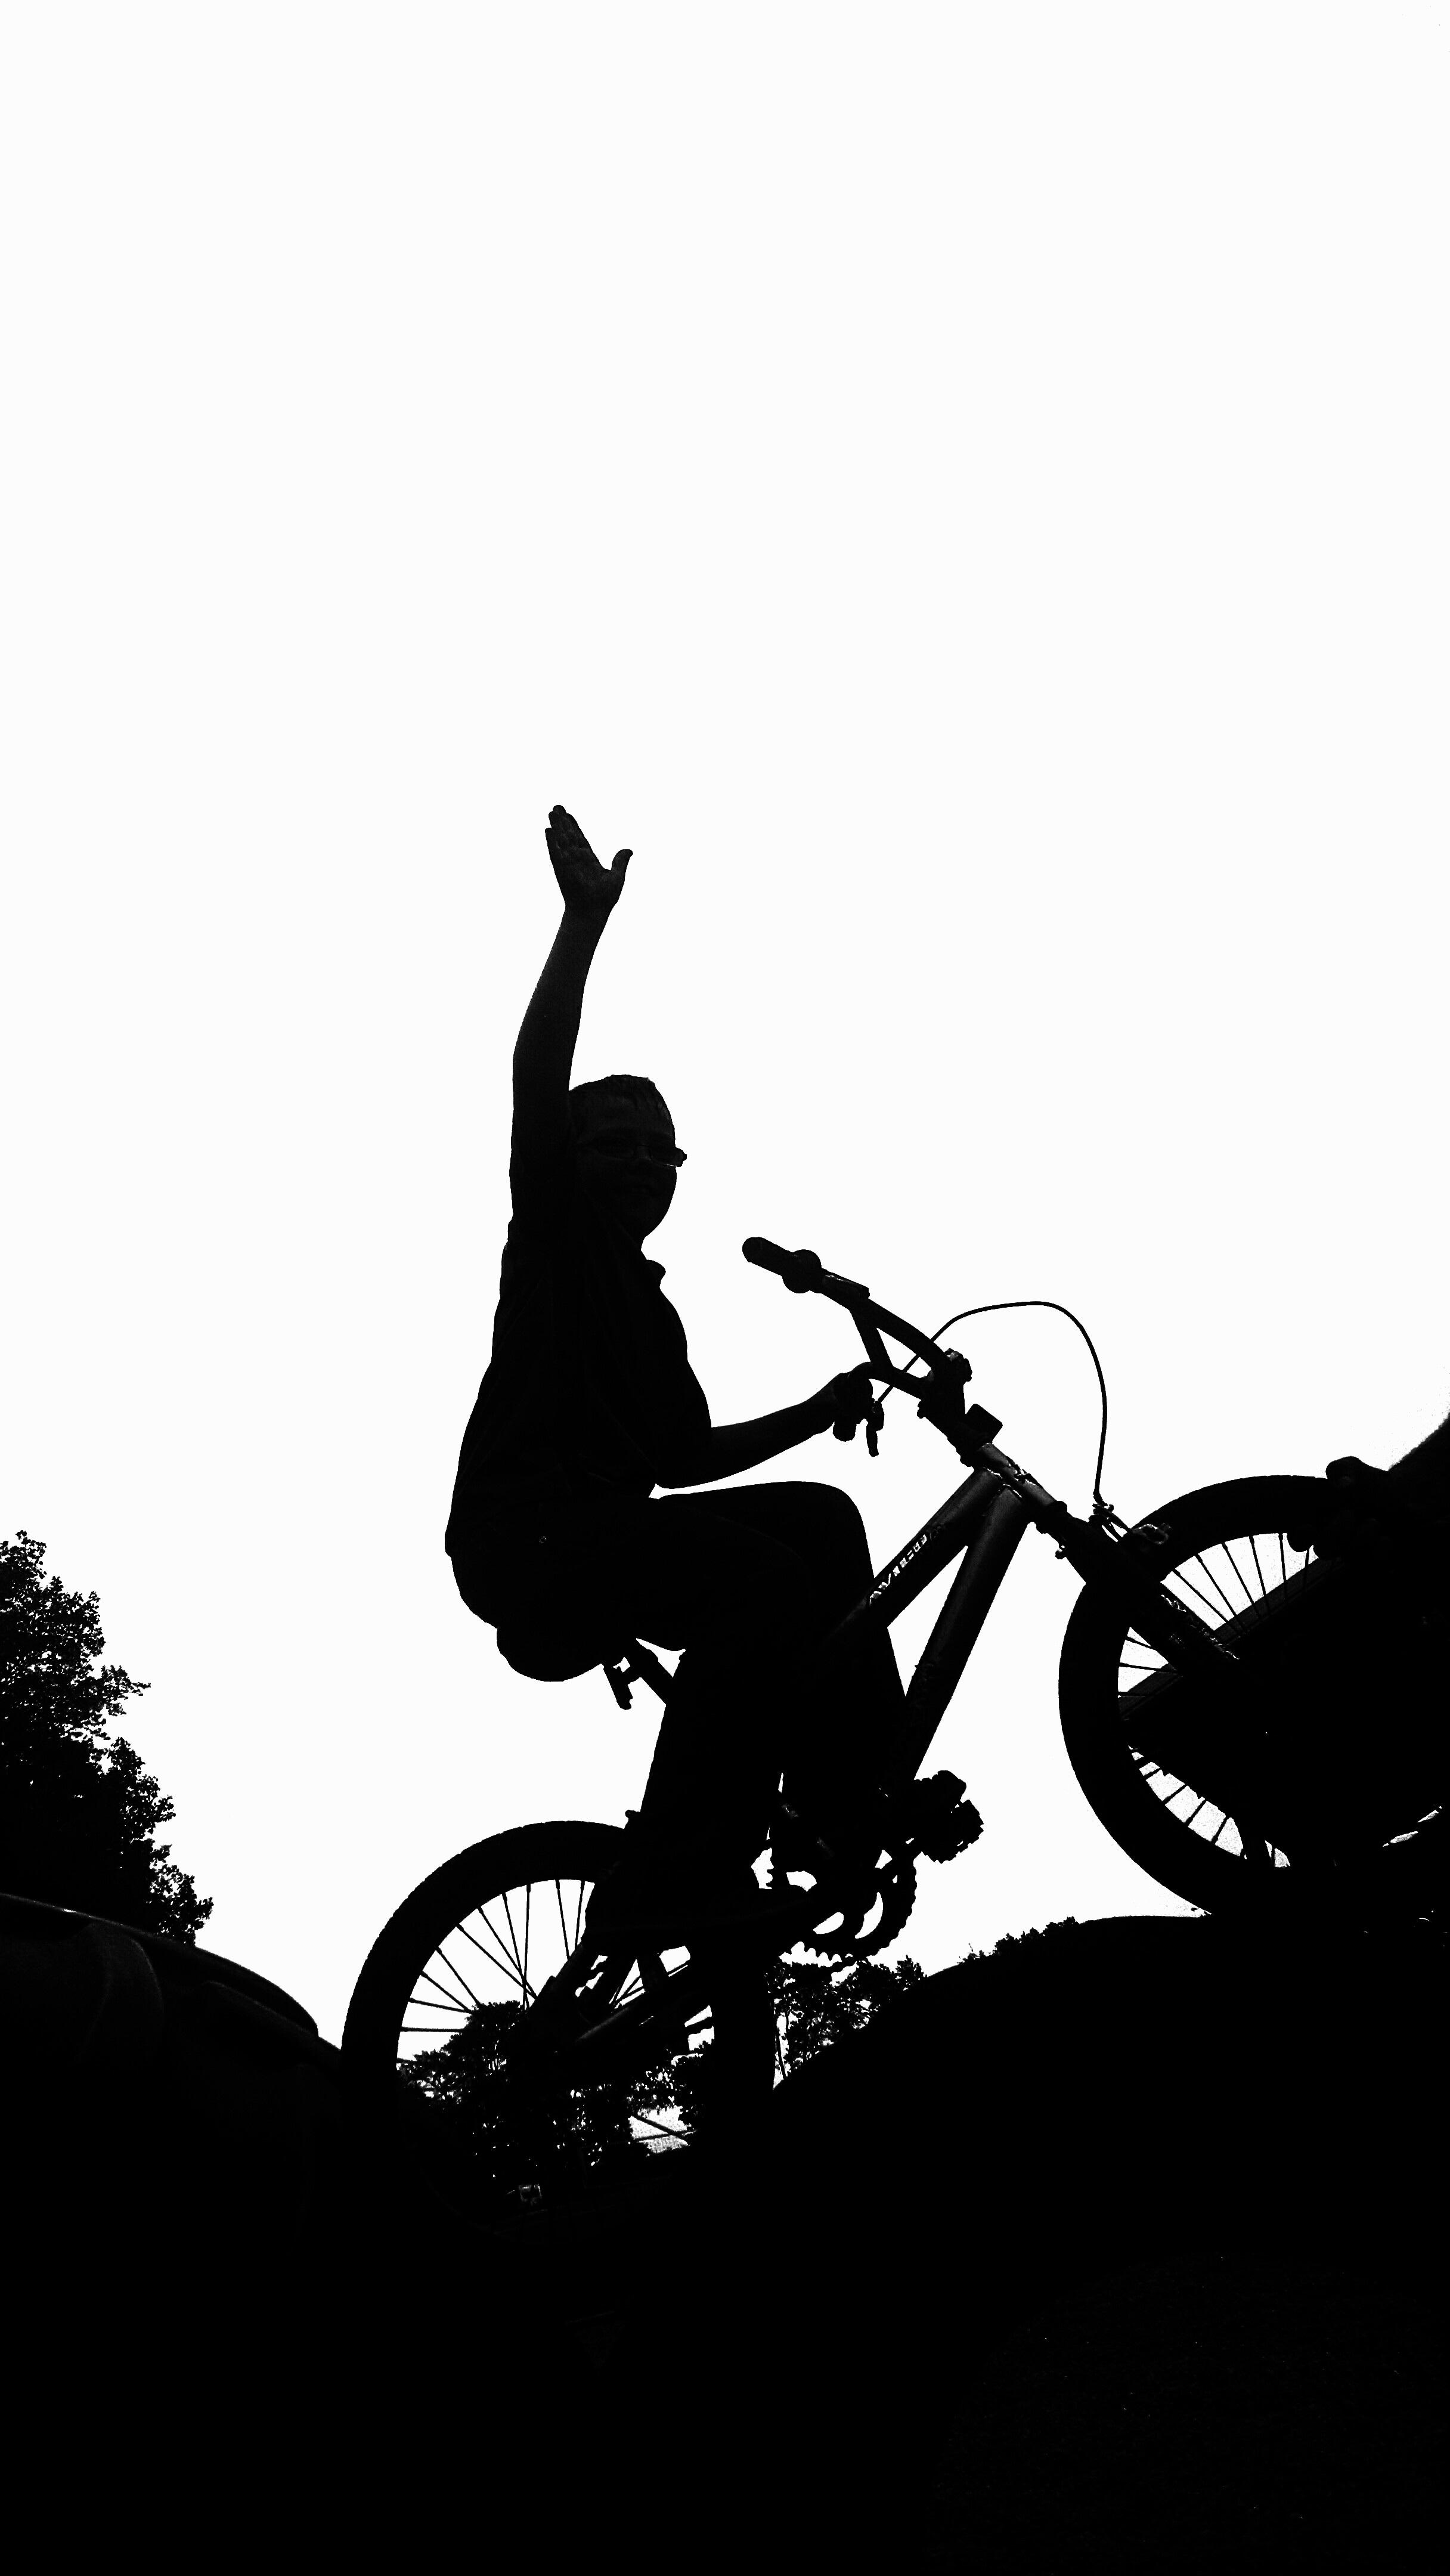 Gambar Bayangan Hitam Hitam Dan Putih Olahraga Anak Laki Laki Pengendara Sepeda Mengendarai Satu Warna Bmx Ras Kompetisi Kesenangan Ilustrasi Bersepeda Gitaris Gambar Kartun Sepeda Motor Trail Fotografi Monokrom 2432x4320